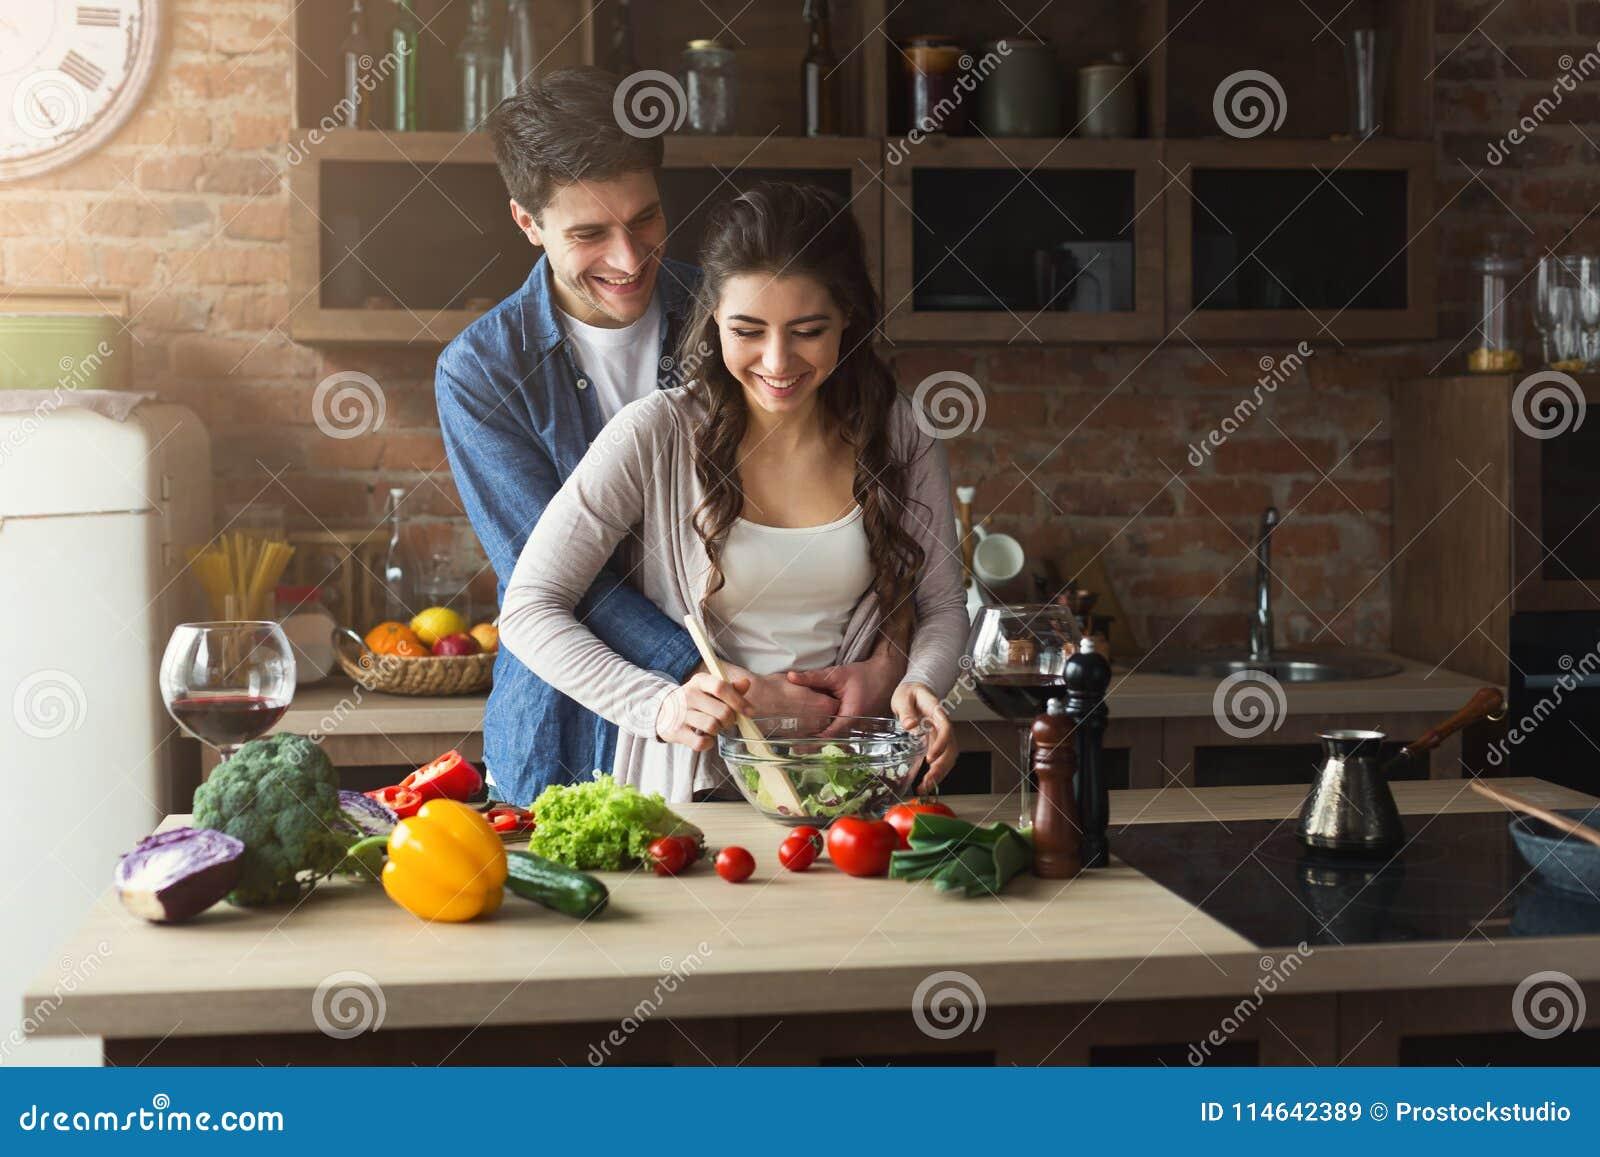 Glückliches Paar, das zusammen gesundes Lebensmittel kocht